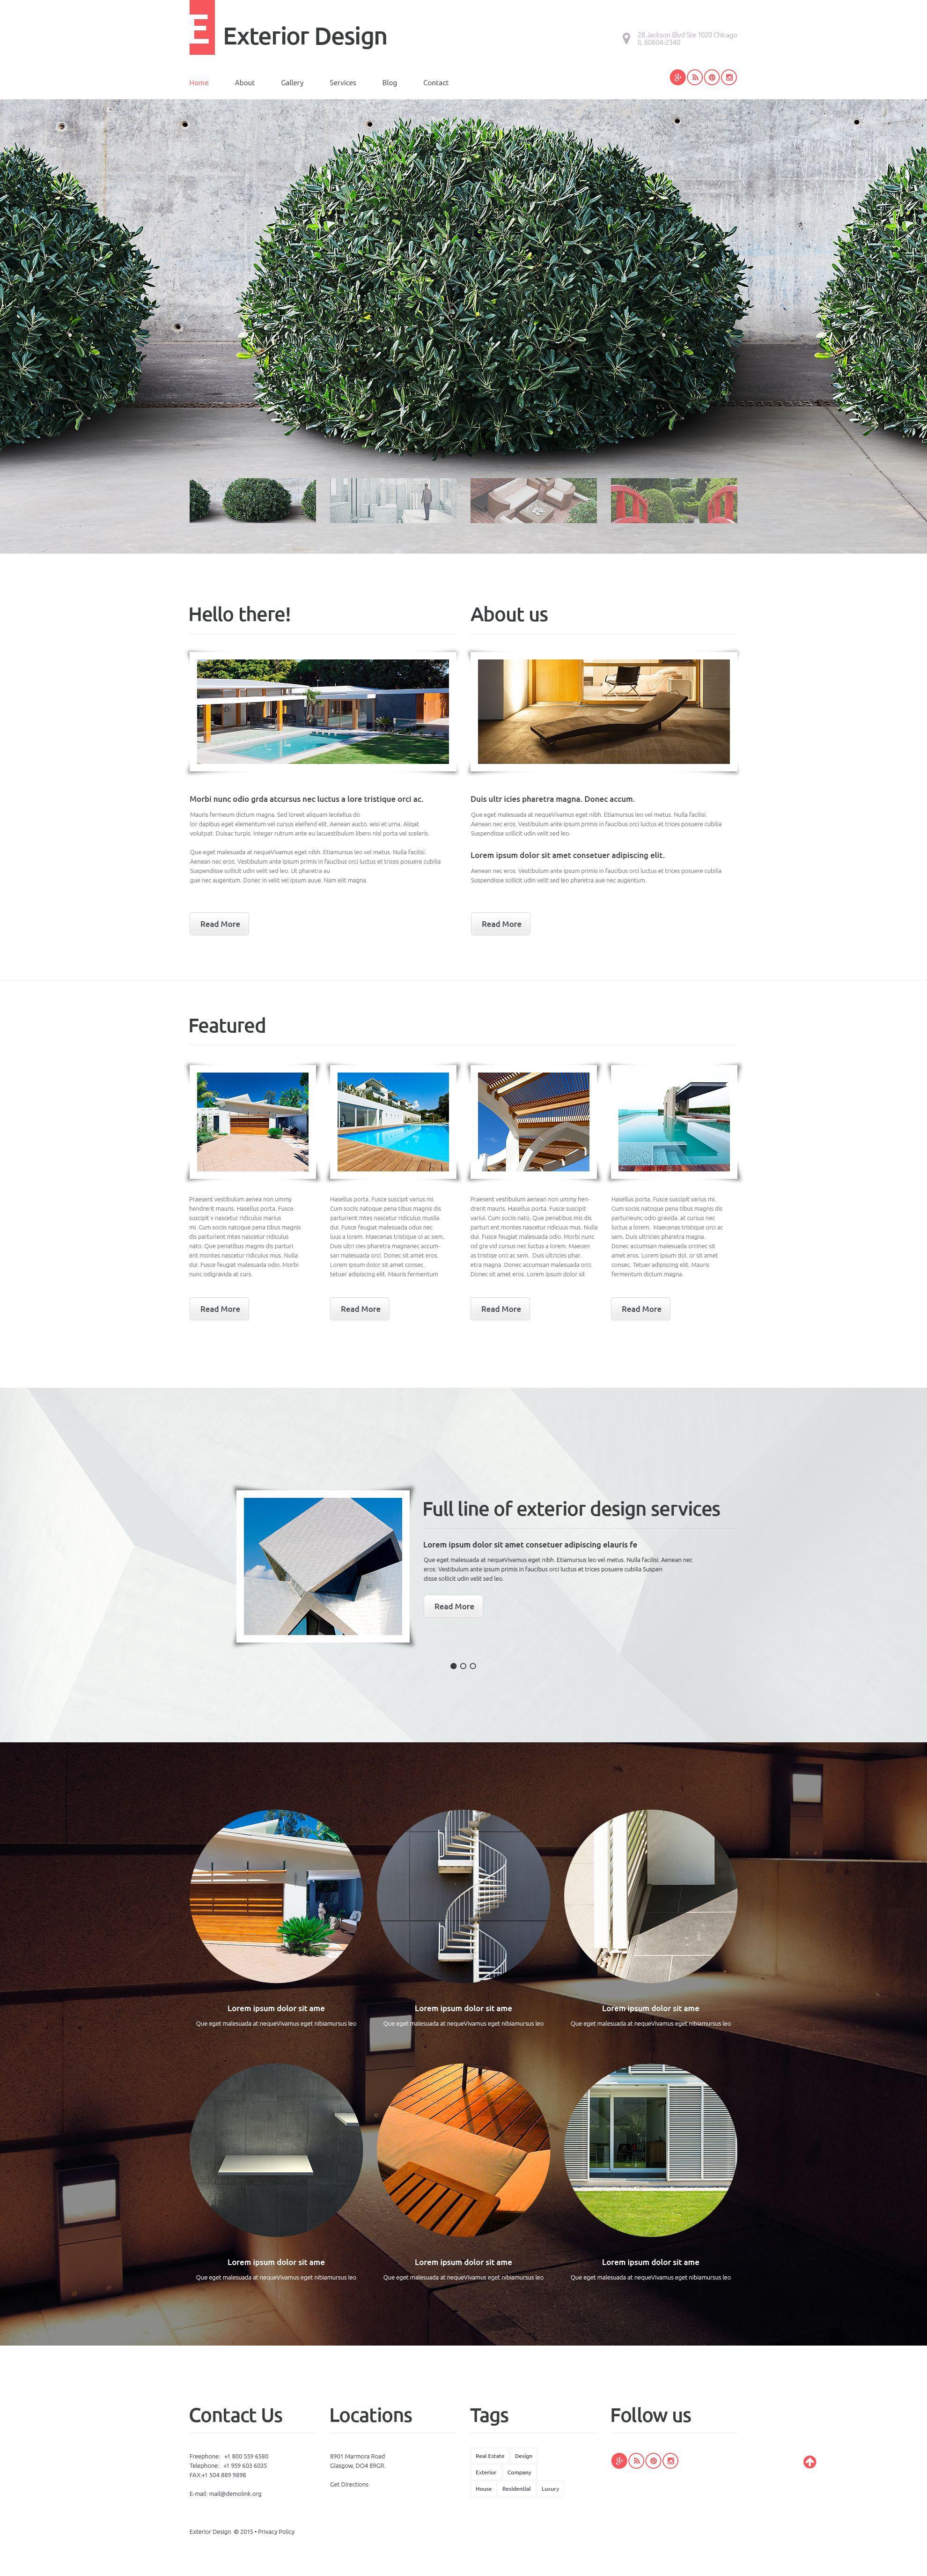 Exterior Design WordPress Theme